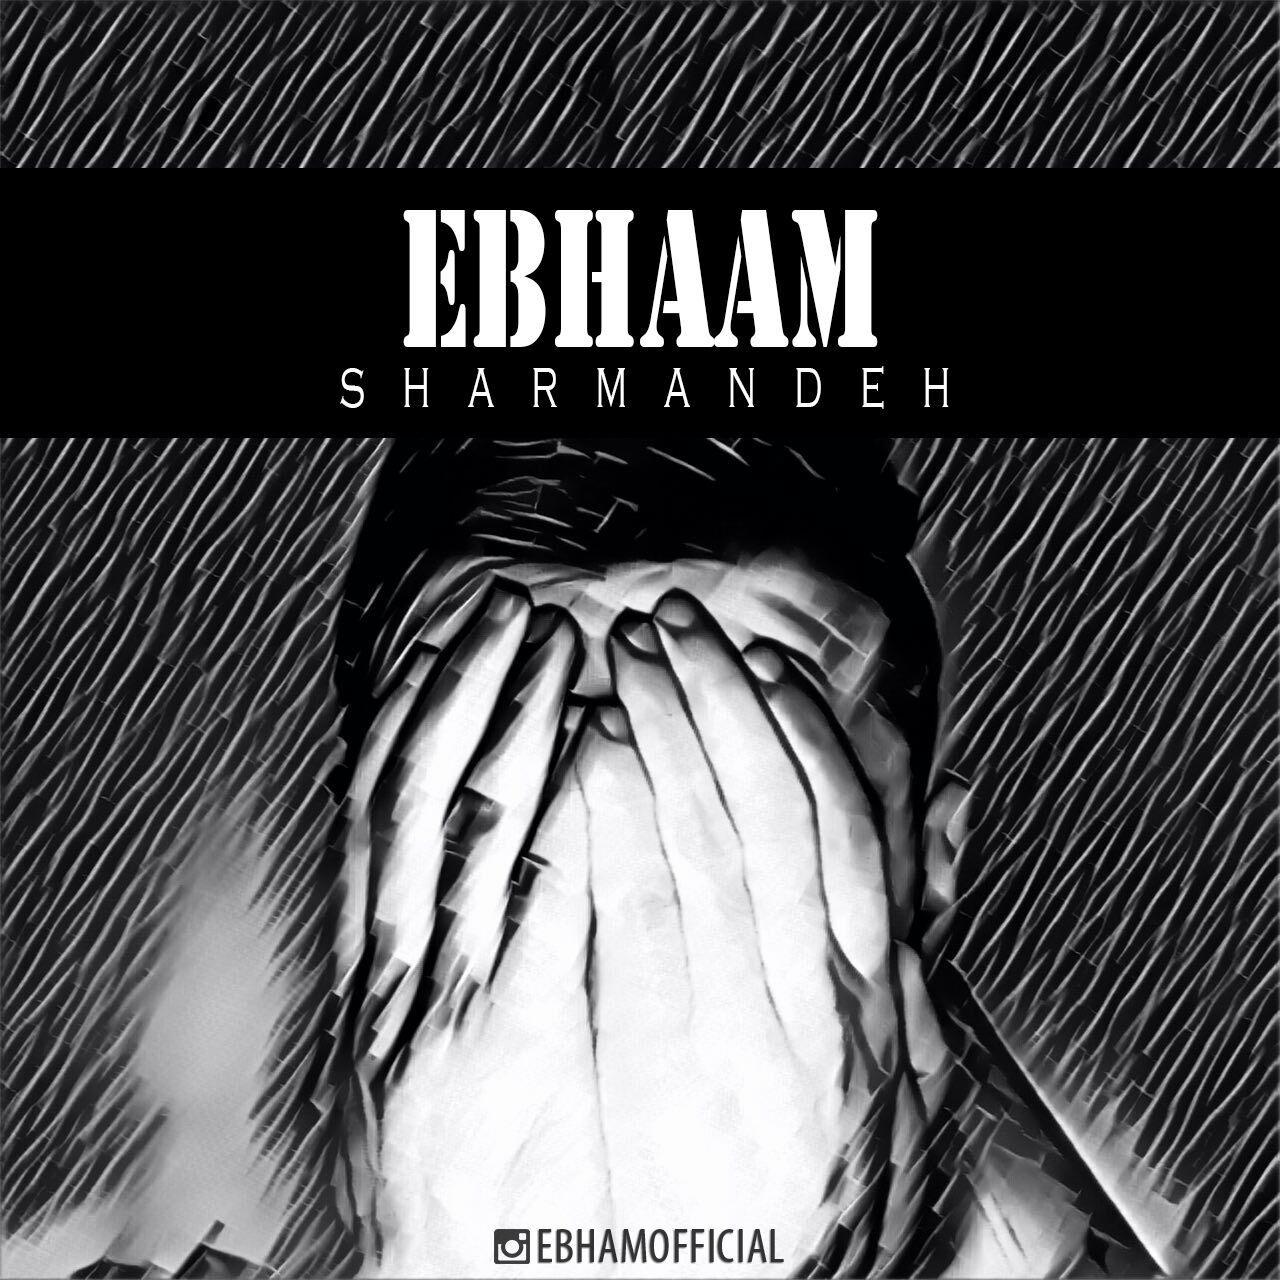 Ebham - Sharmande